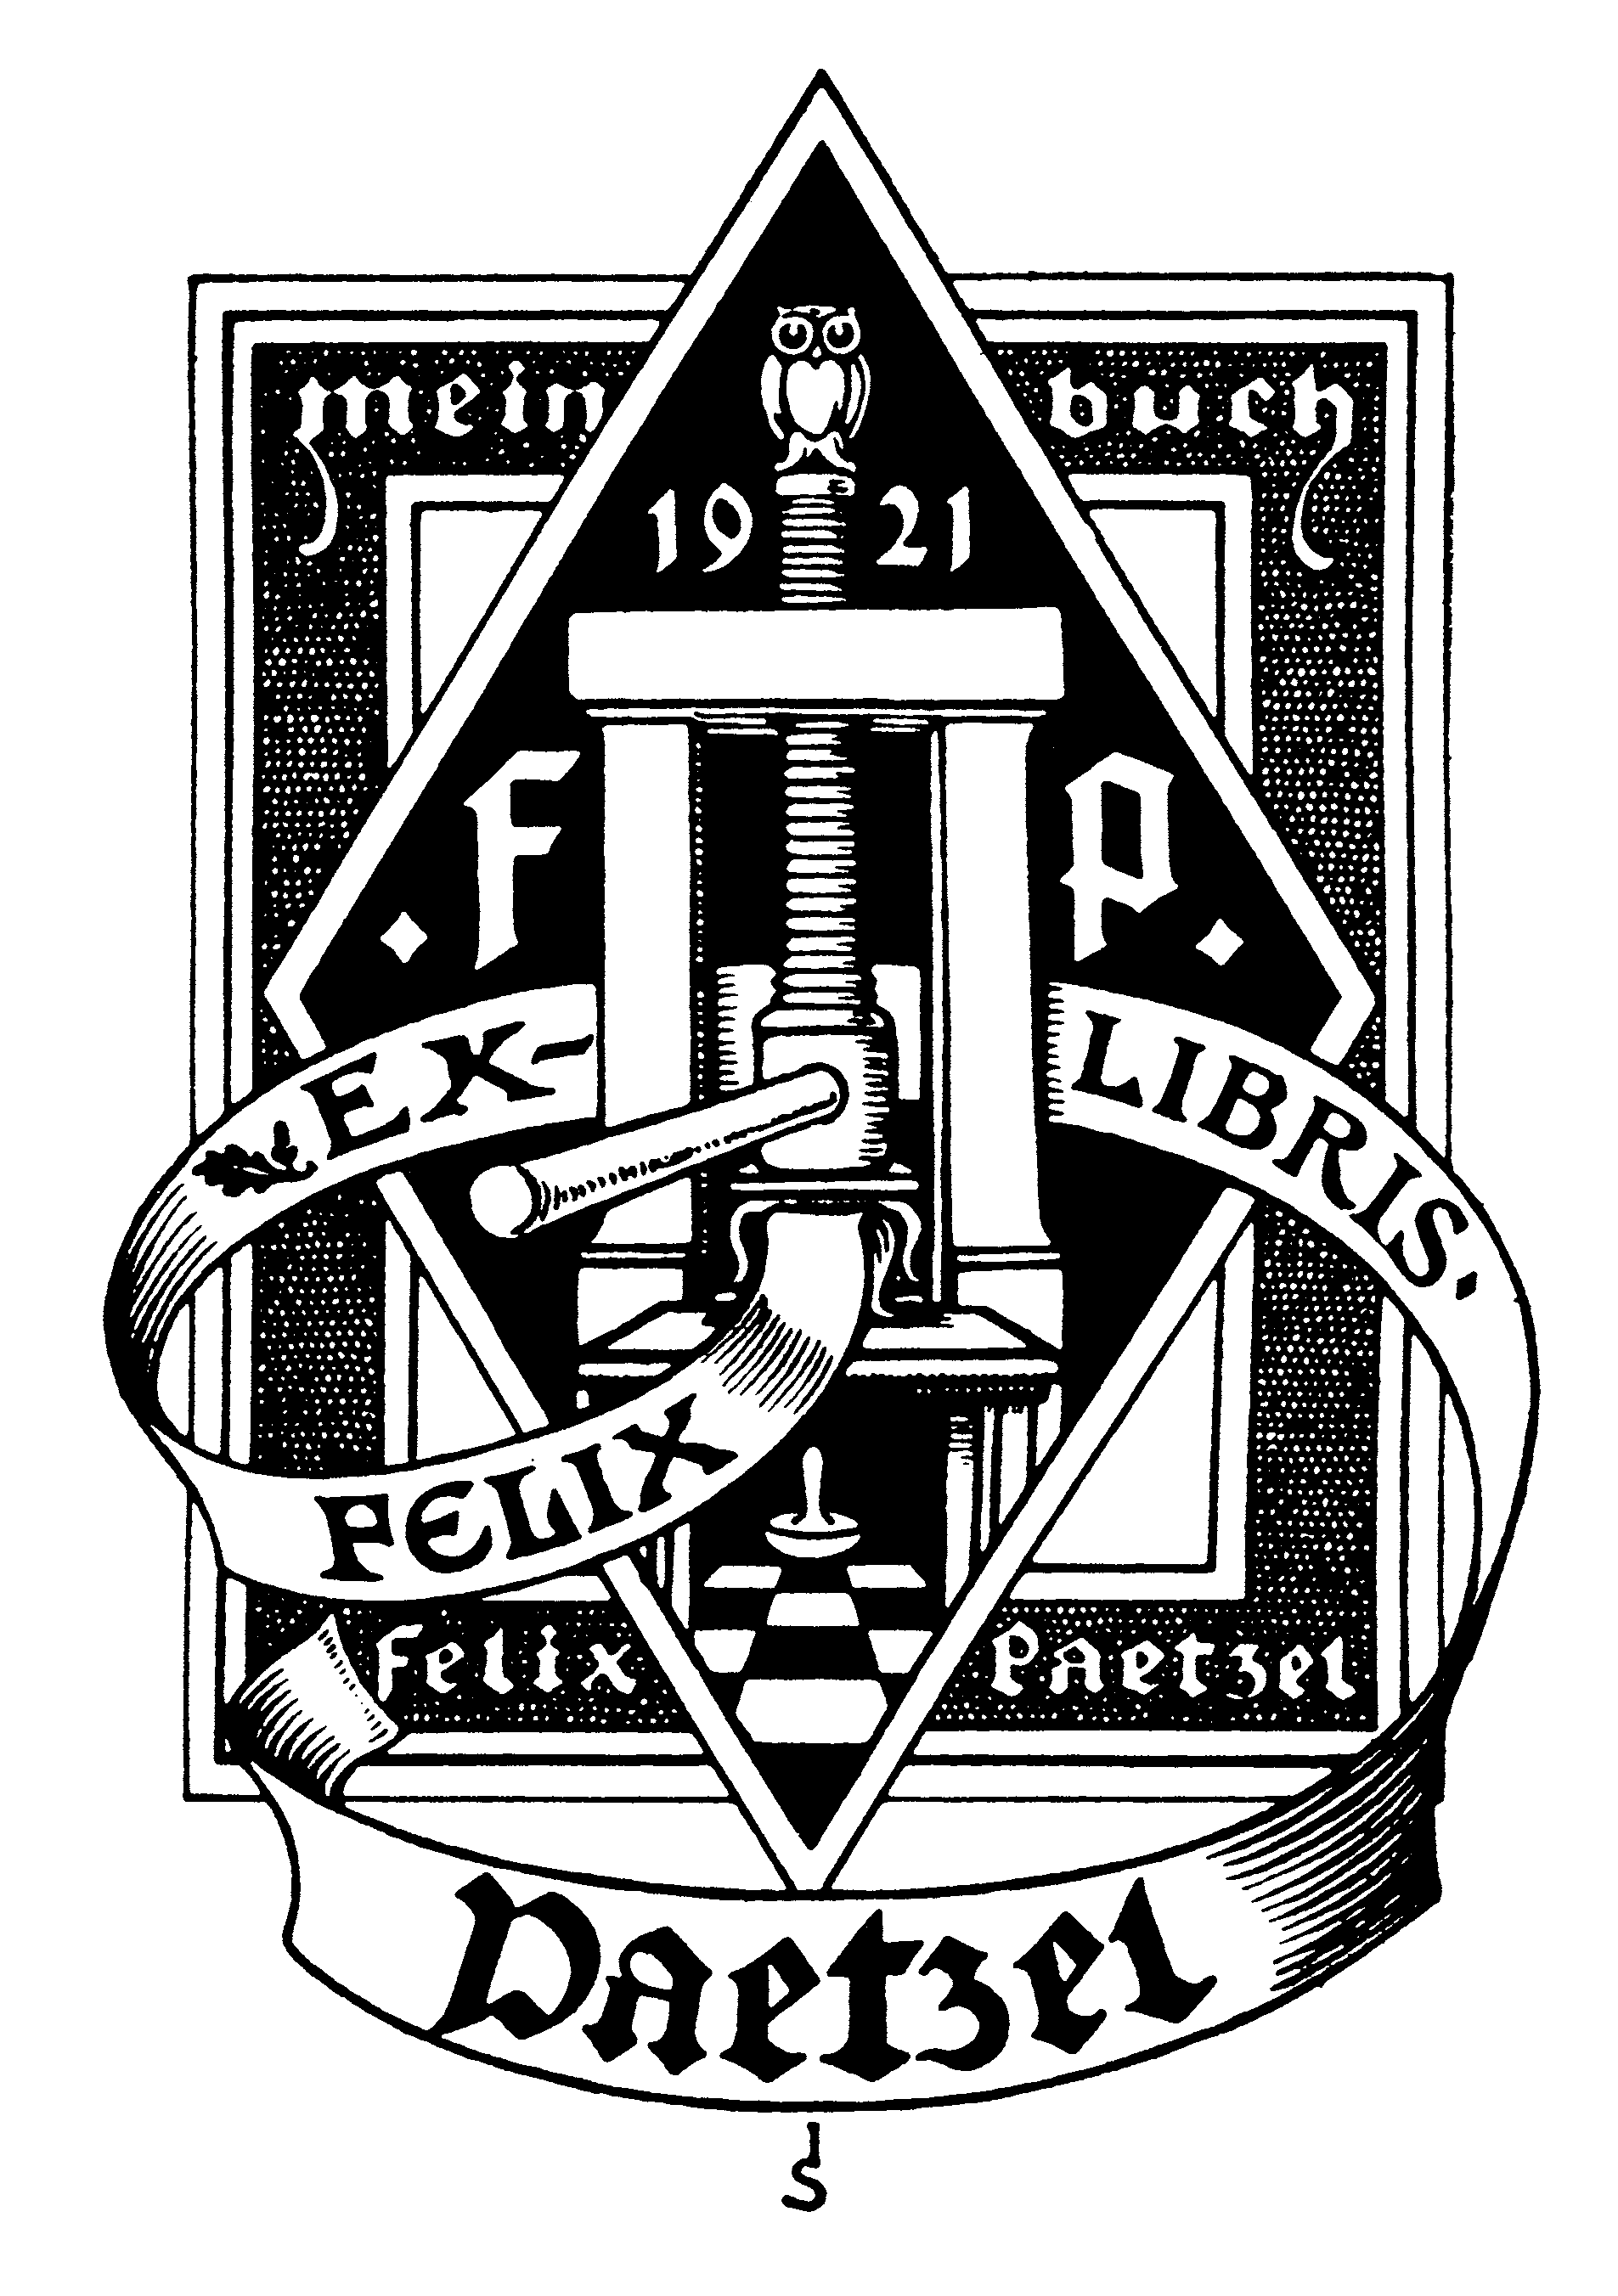 Public Domain Graphic Design